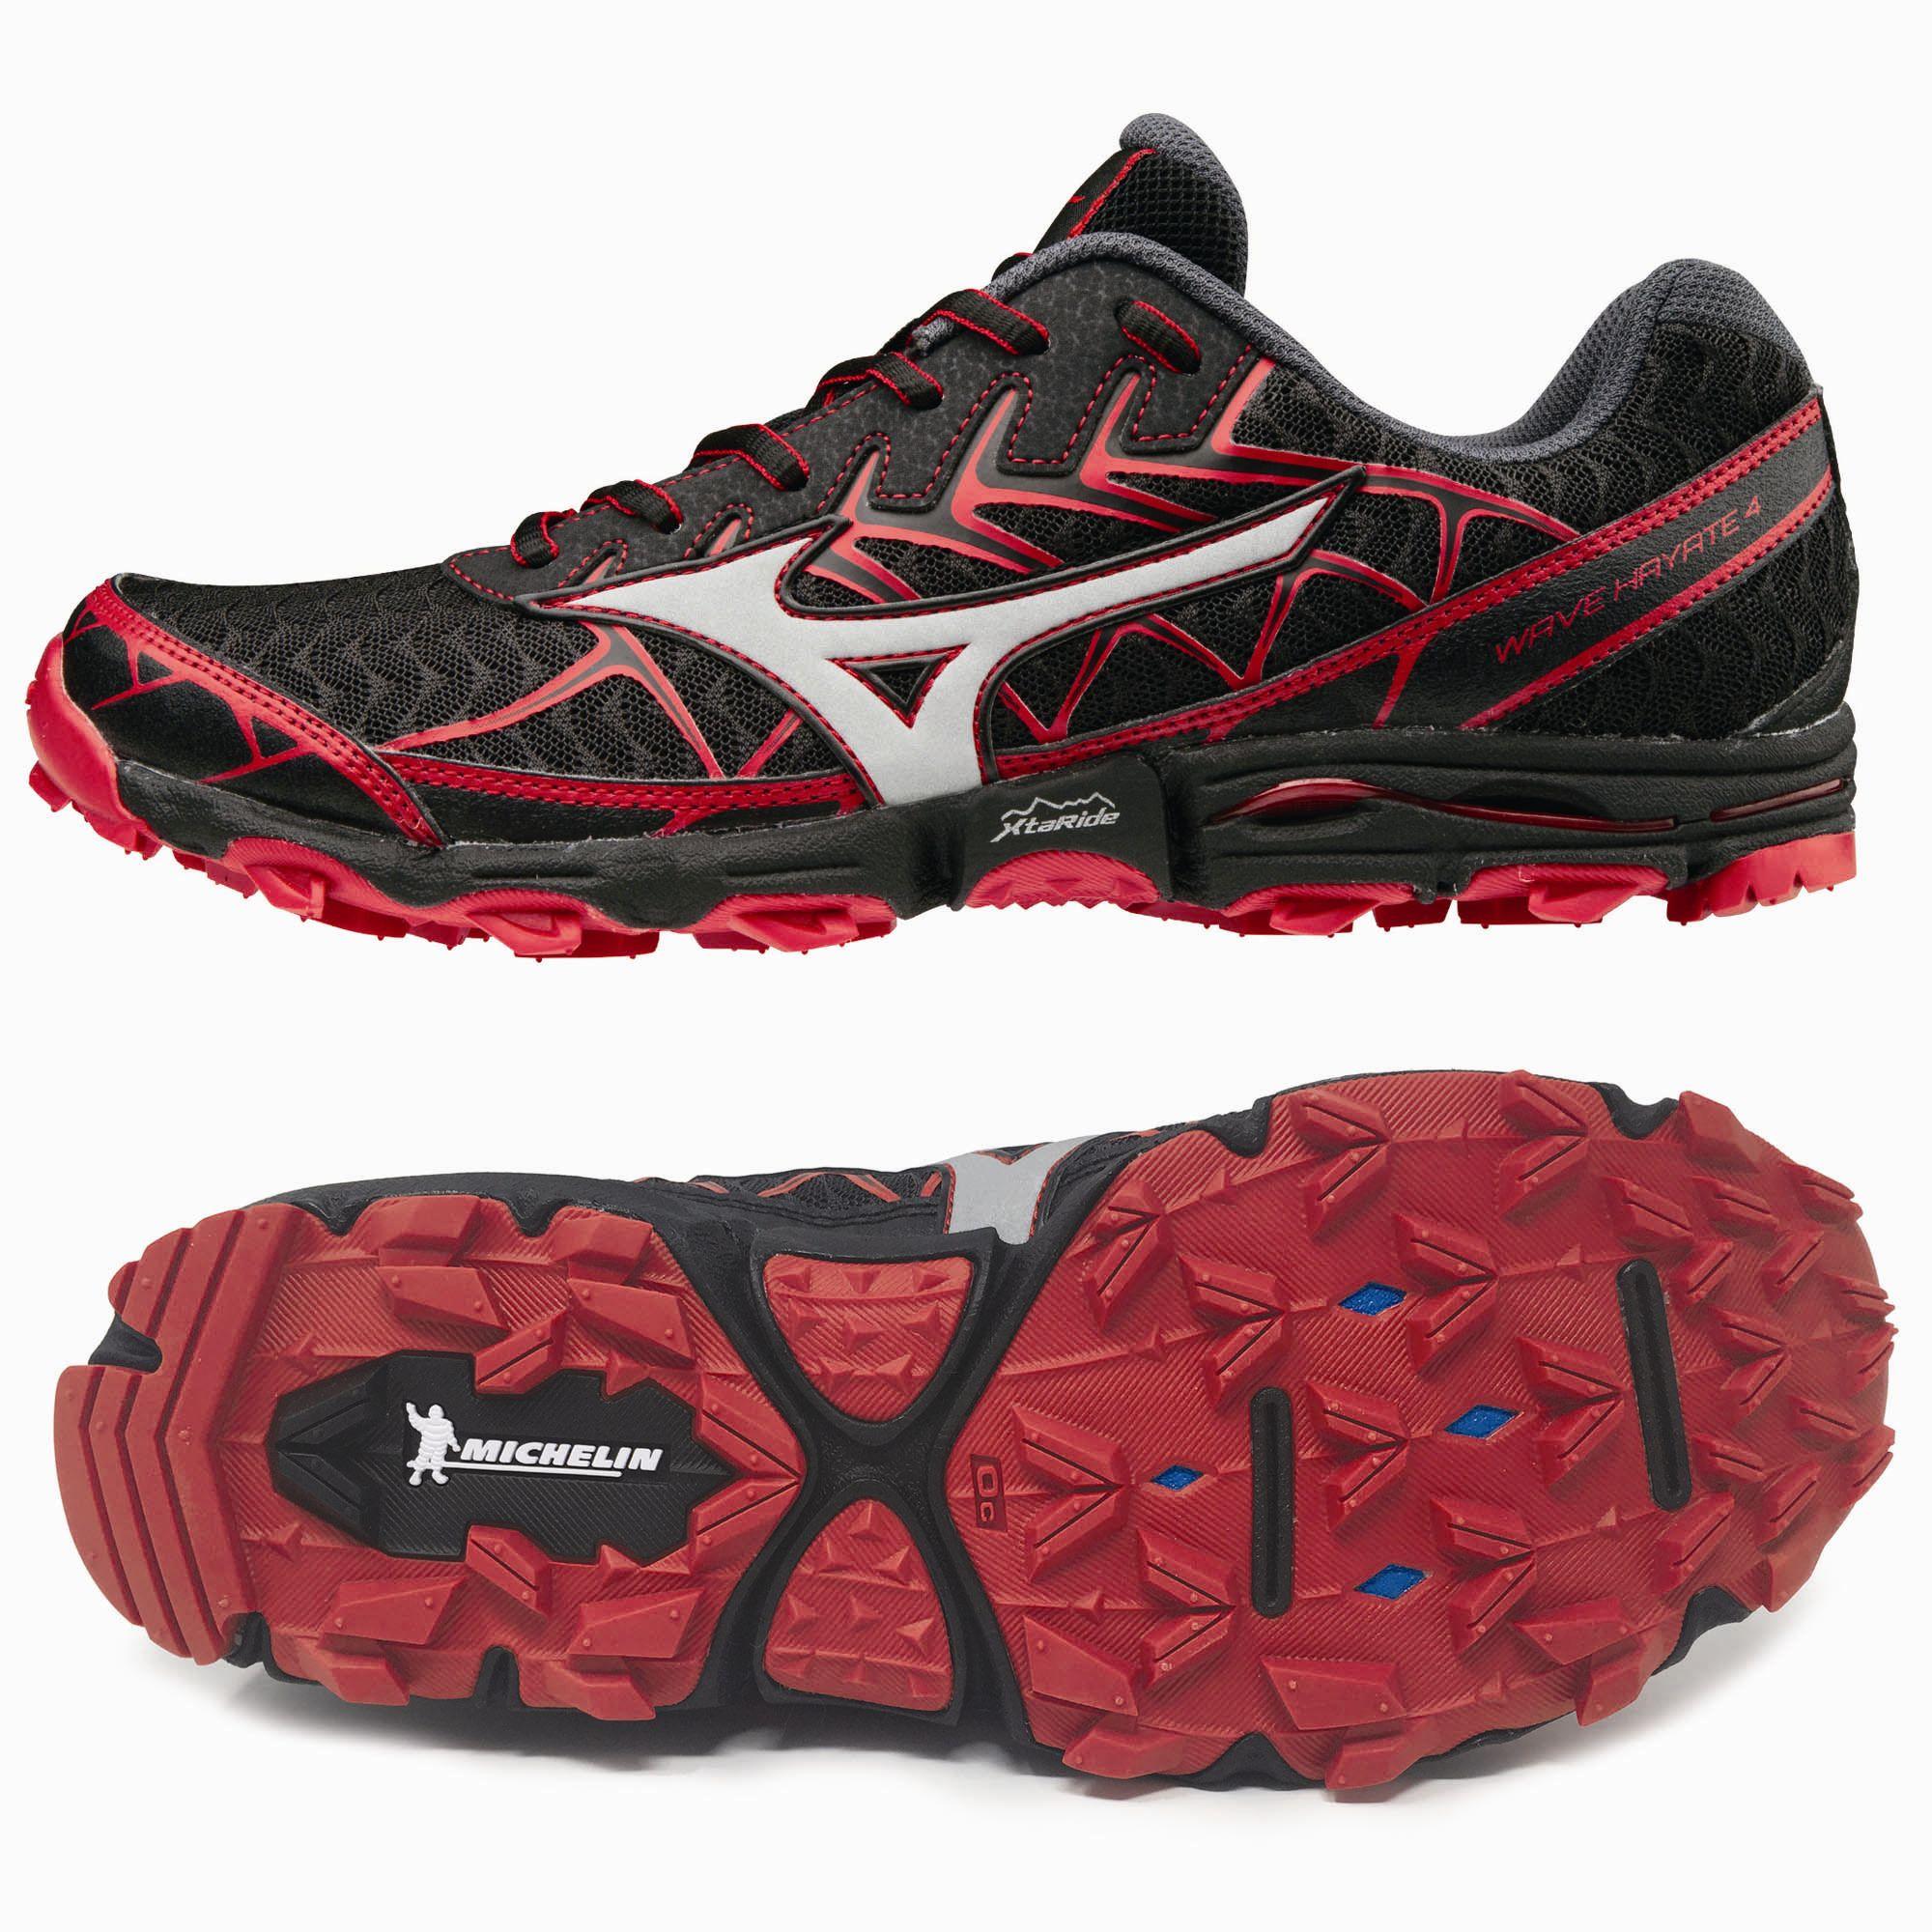 Mizuno Mens Running Shoe Stability